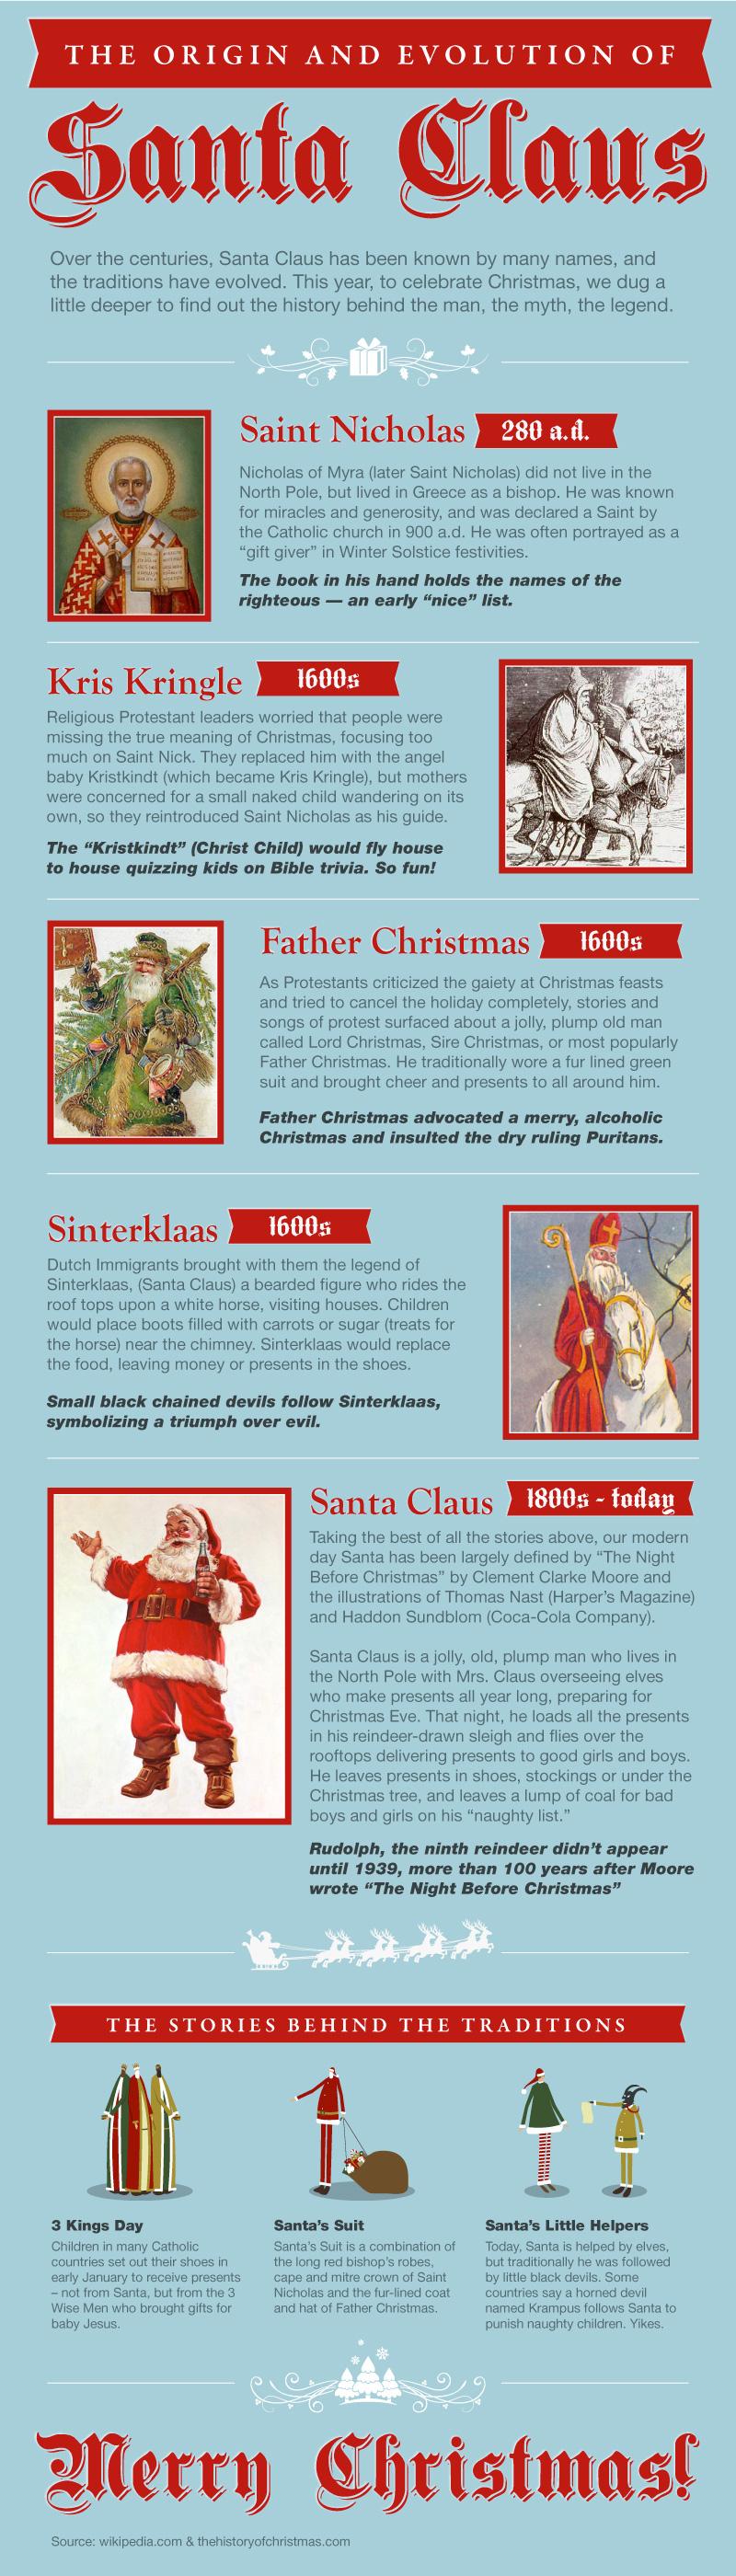 Santa Claus Origins-Infographic